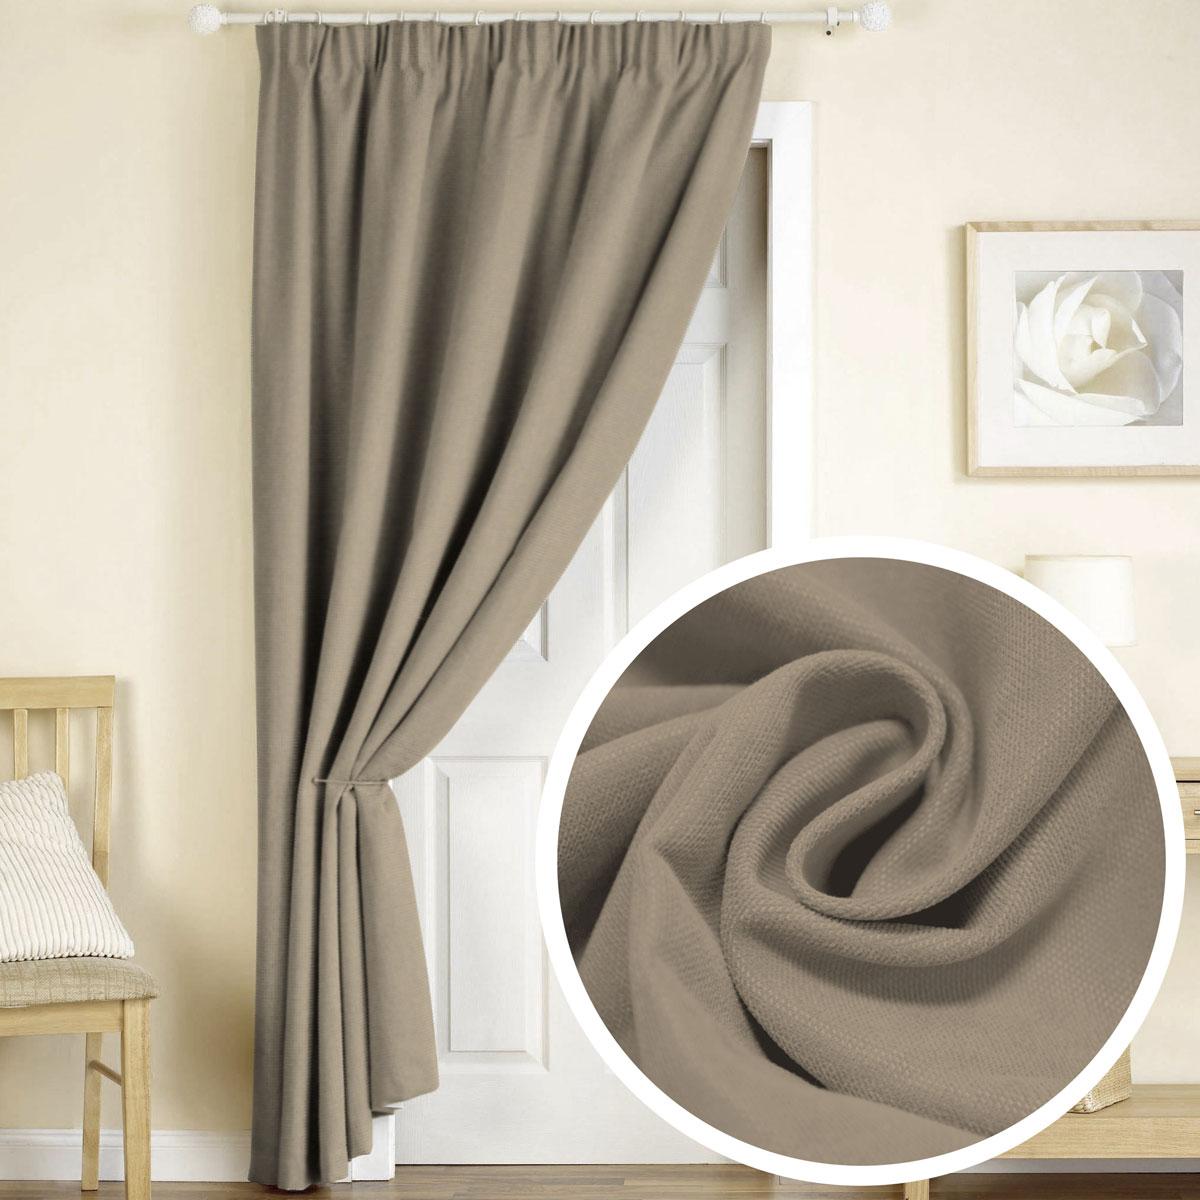 Штора Amore Mio, на ленте, цвет: молочно-коричневый, высота 270 смS03301004Готовая штора Amore Mio - это роскошная портьера для яркого и стильного оформления окон и создания особенной уютной атмосферы. Она великолепно смотрится как одна, так и в паре, в комбинации с нежной тюлевой занавеской, собранная на подхваты и свободно ниспадающая естественными складками.Такая штора, изготовленная полностью из прочного и очень практичного полиэстера, долговечна и не боится стирок, не сминается, не теряет своего блеска и яркости красок.